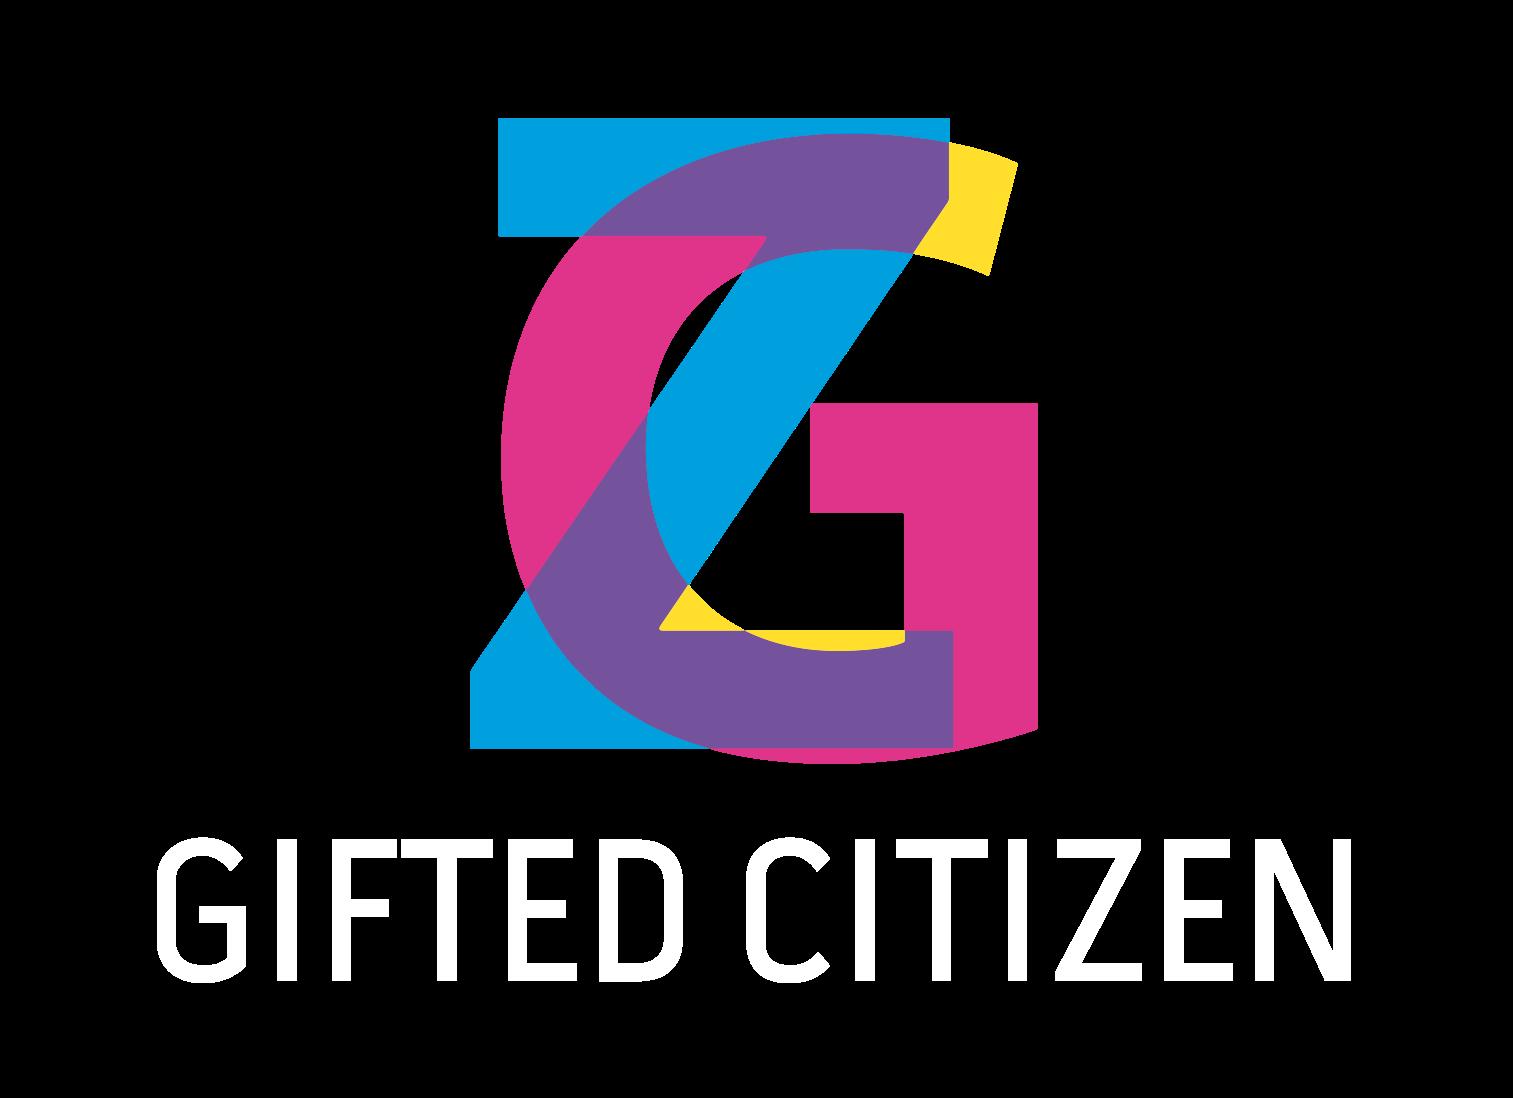 Gifted Citizen cambia millones de vidas